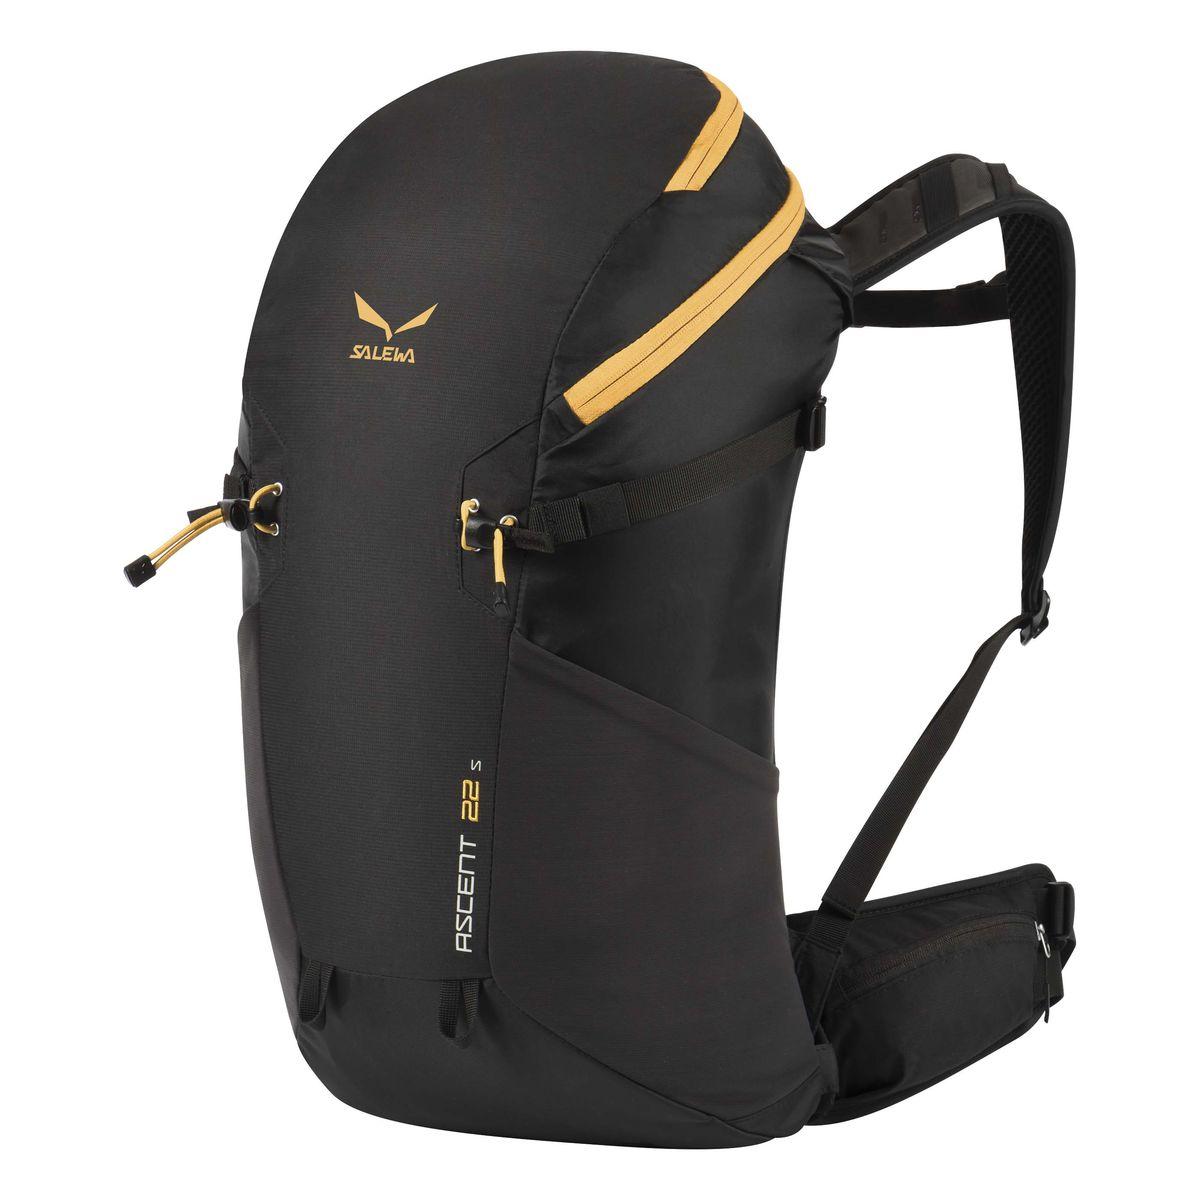 Рюкзак туристический Salewa Ascent 22s, цвет: черный, 22 л1153_0900Новая современная модель рюкзака Salewa Ascent 22s, которая прекрасно подойдет как для однодневных так и для более длительных путешествий.Особенности:- петли для крепления ледоруба / лыжных палок- внутреннее отделение для хранения ценных вещей- боковые карманы- карман в набедренном поясе- петли для навески дополнительного снаряжения на набедренном поясе- подвесная система motionfit Что взять с собой в поход?. Статья OZON Гид